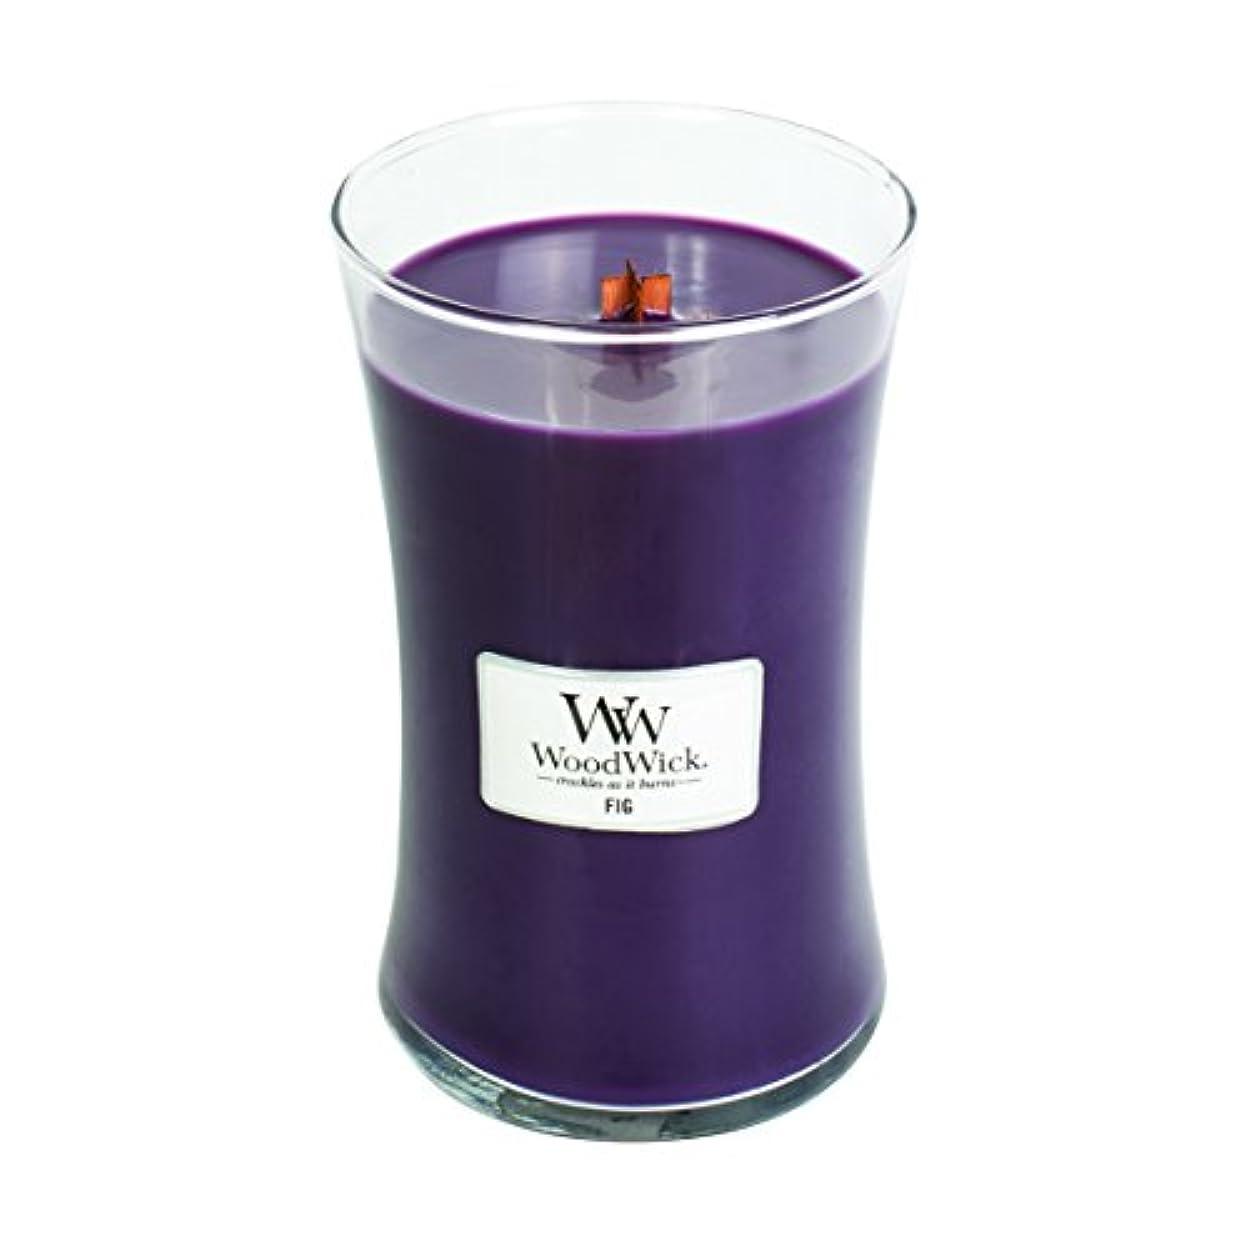 励起消費する抵抗するFig – WoodWick 22oz Medium Jar Candle Burns 180時間